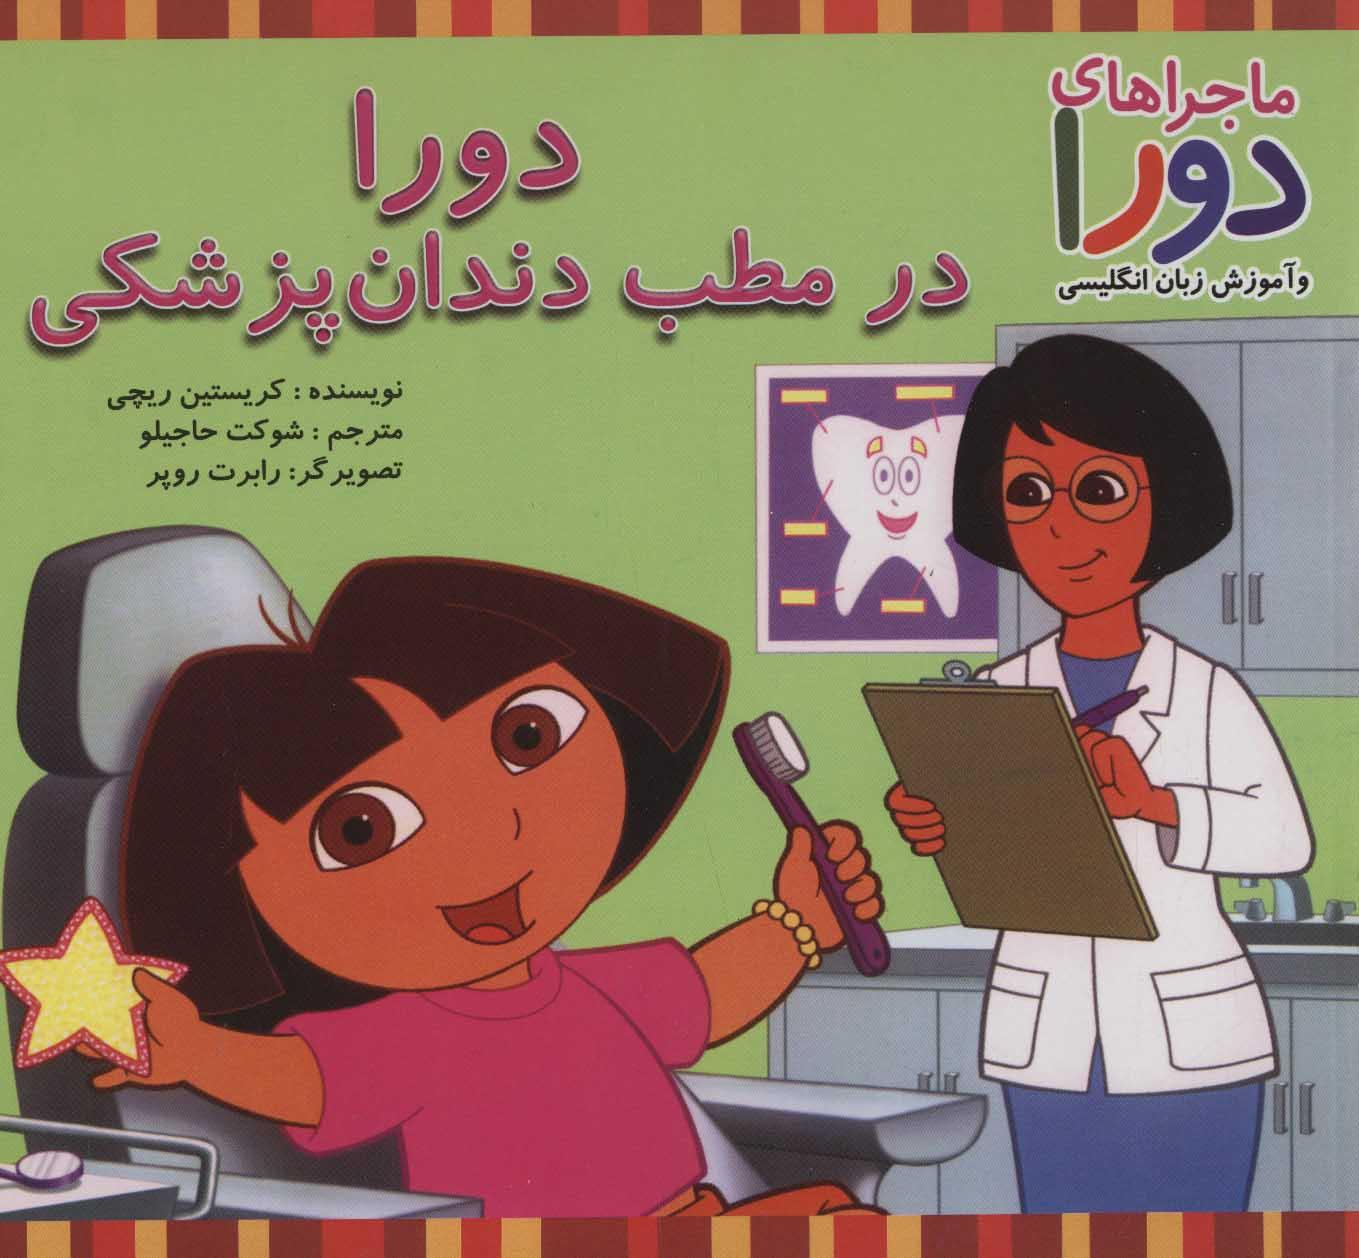 دورا در مطب دندان پزشکی (ماجراهای دورا و آموزش زبان انگلیسی)